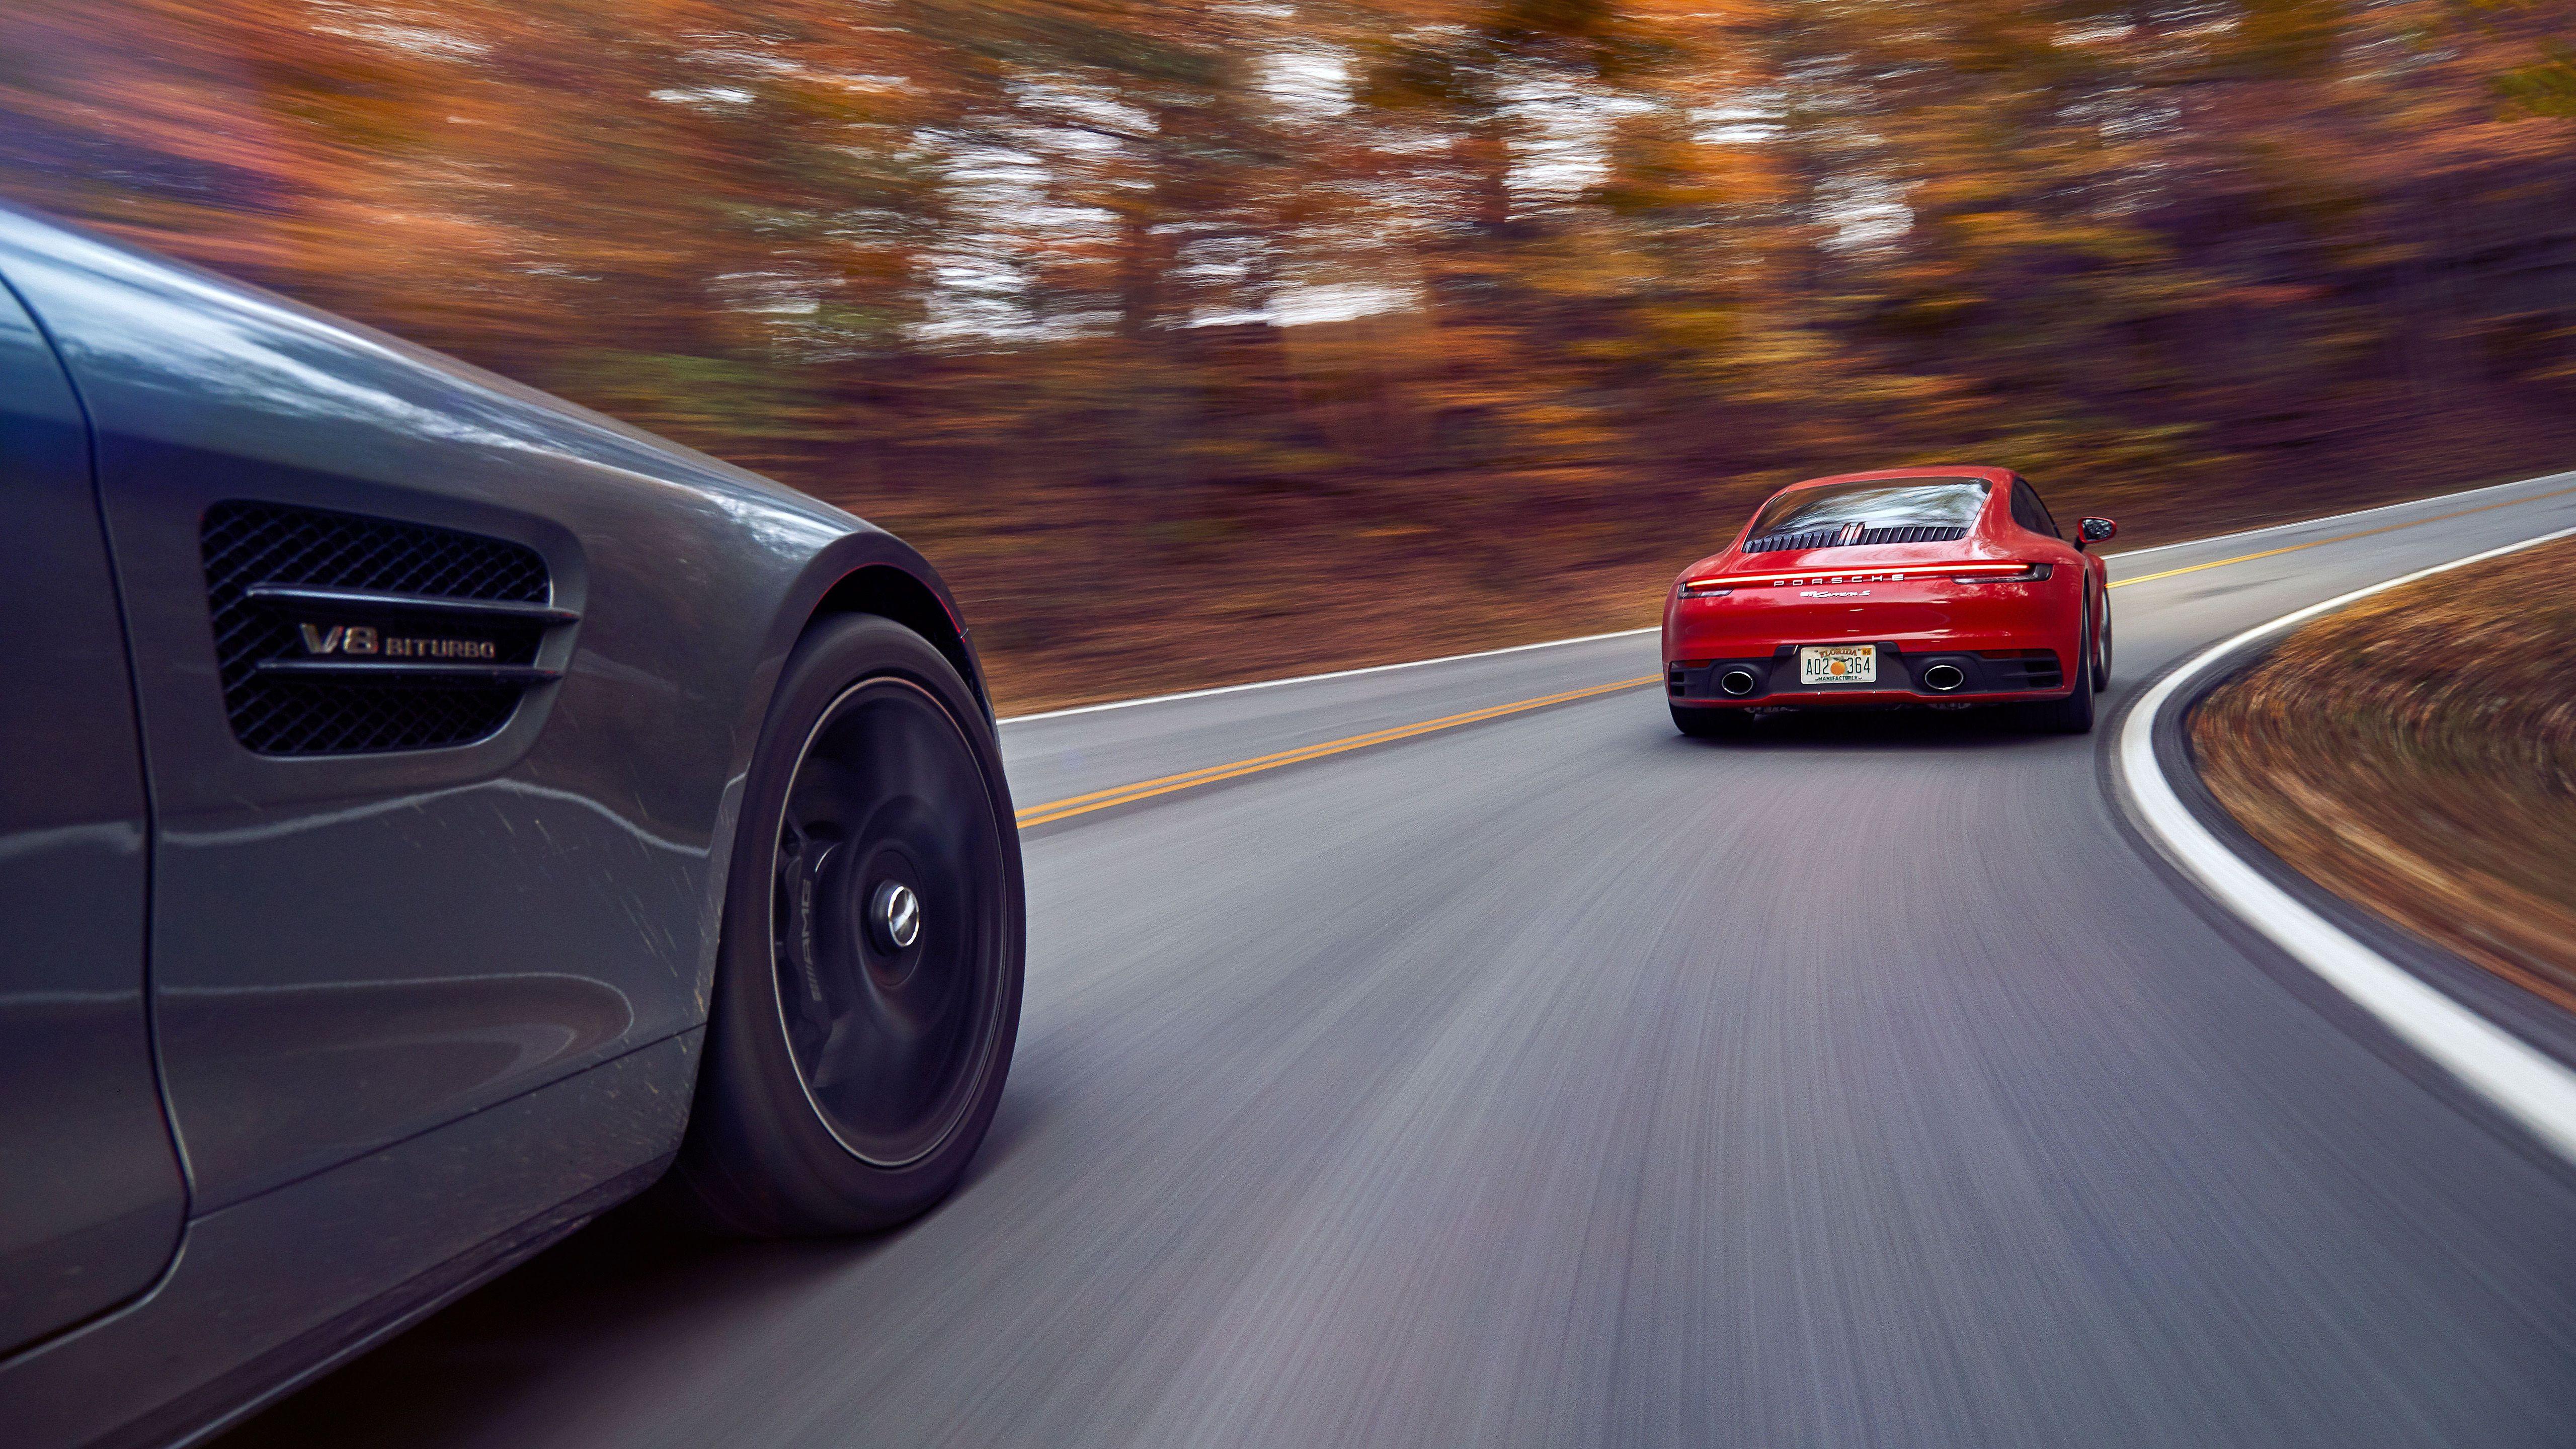 Porsche 911 Carrera 2020 Wallpapers Wallpaper Cave